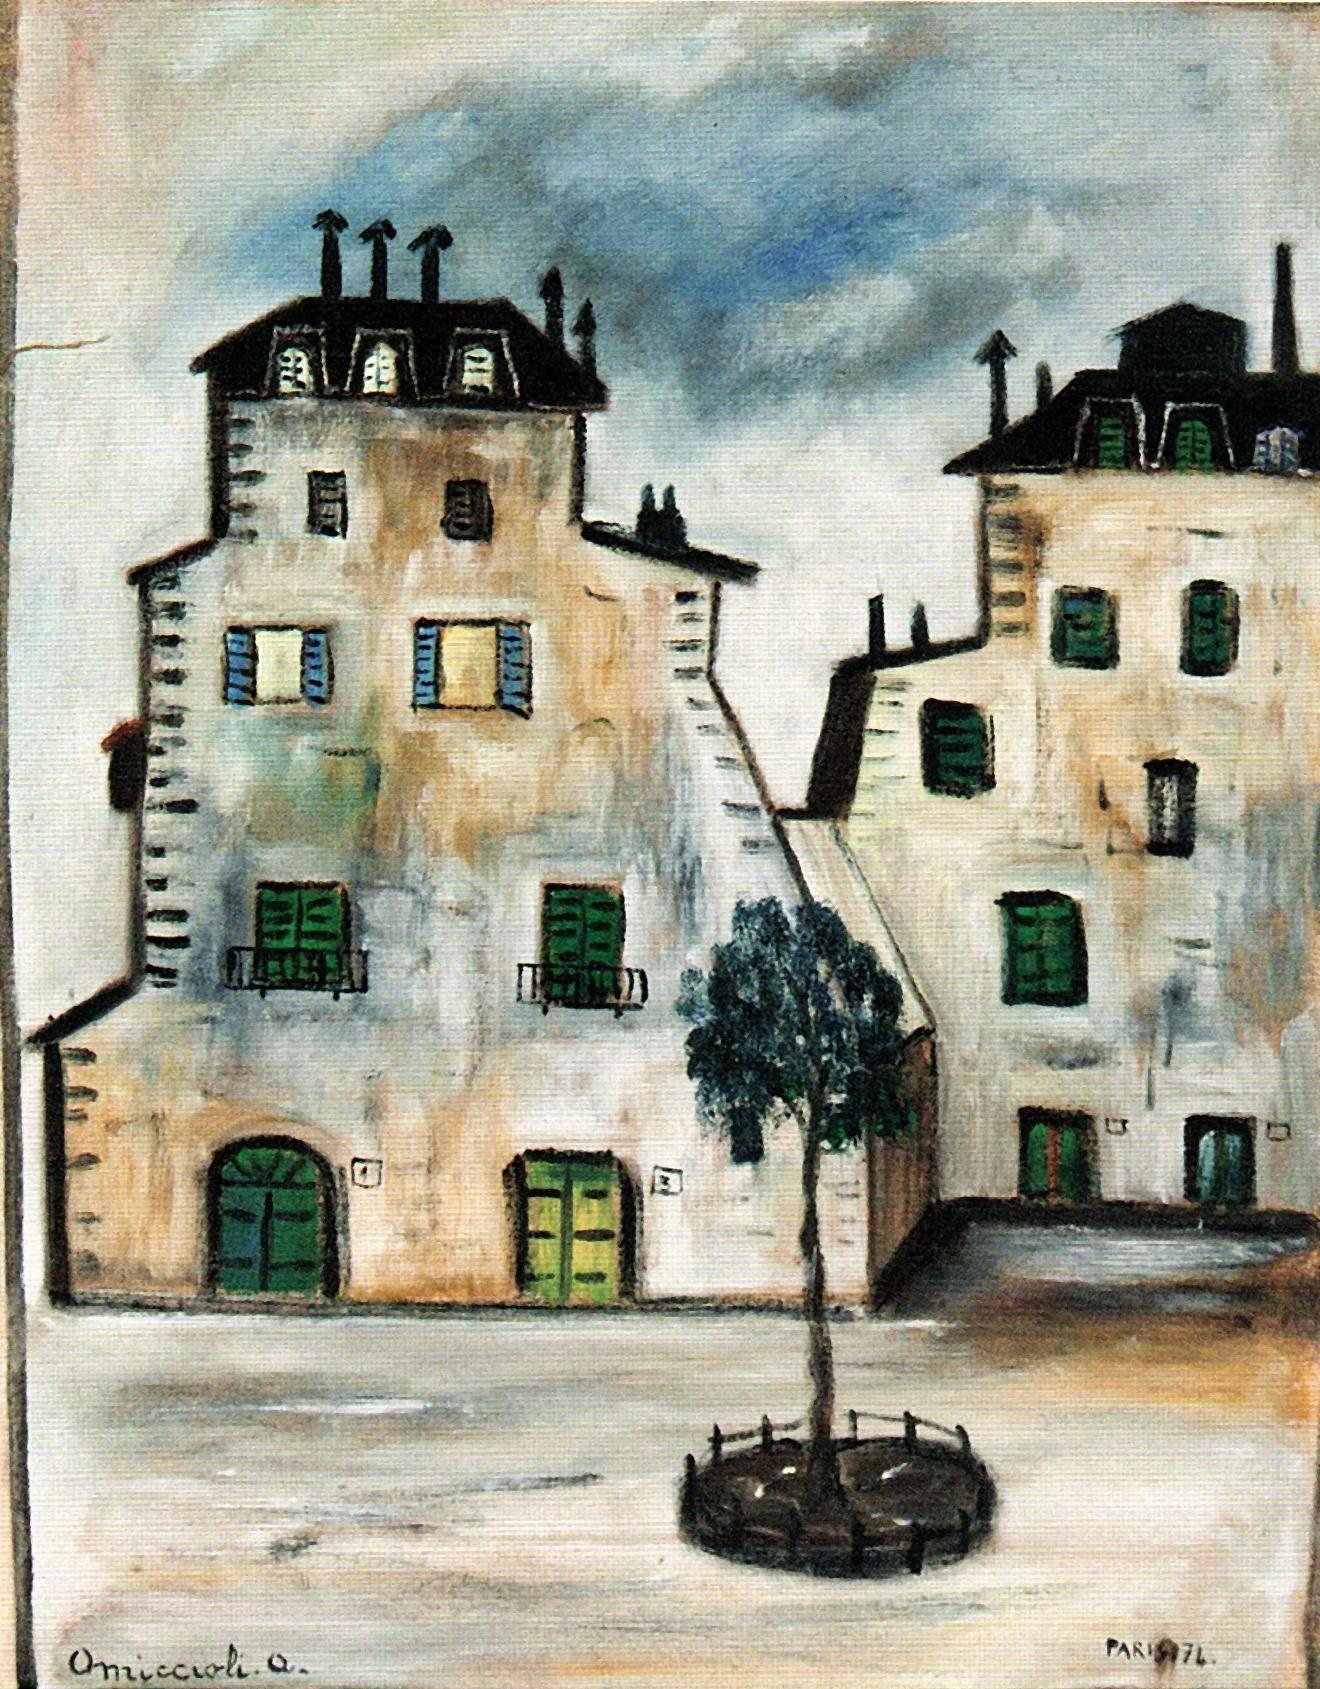 Periferia a Parigi, 1974